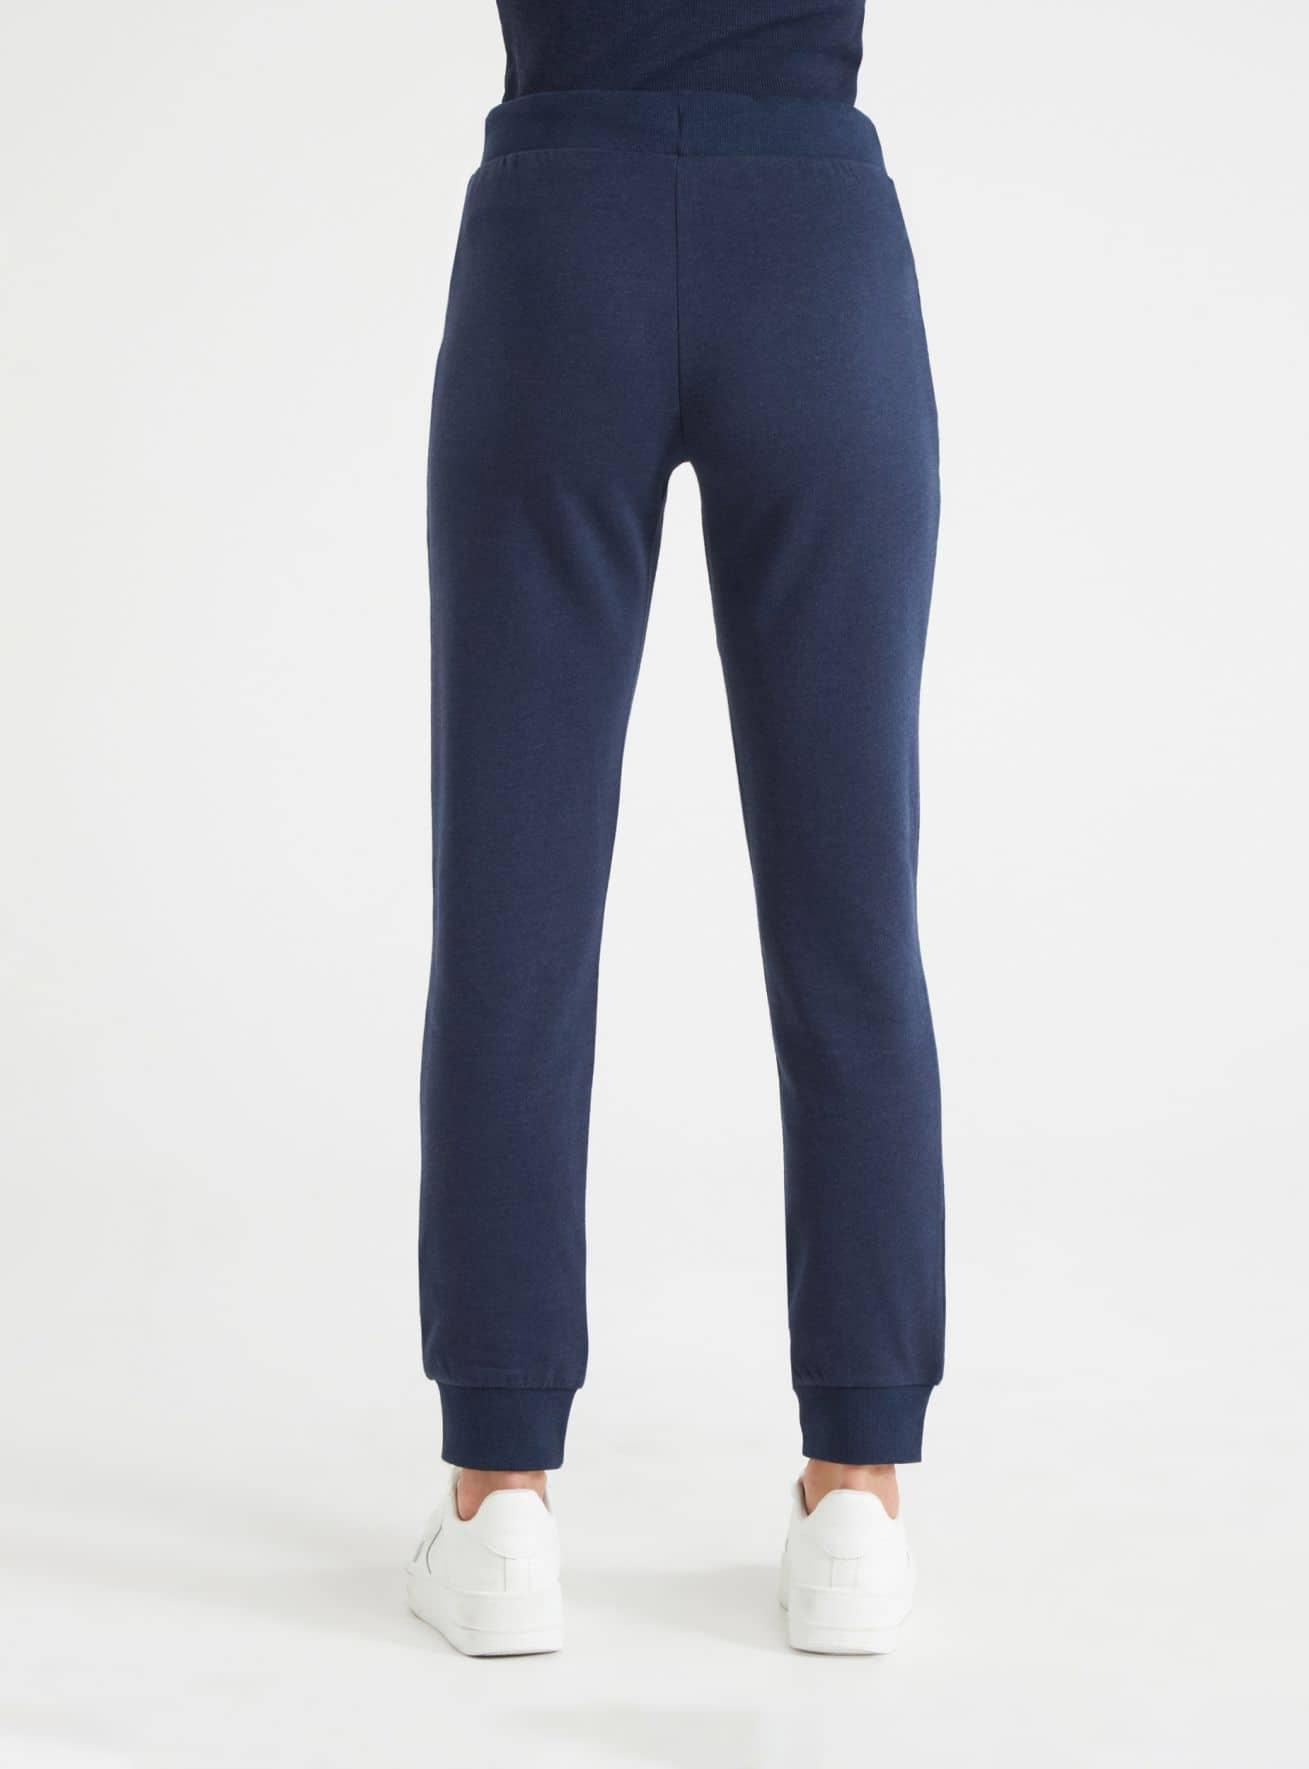 Pantalones Mujer Terranova